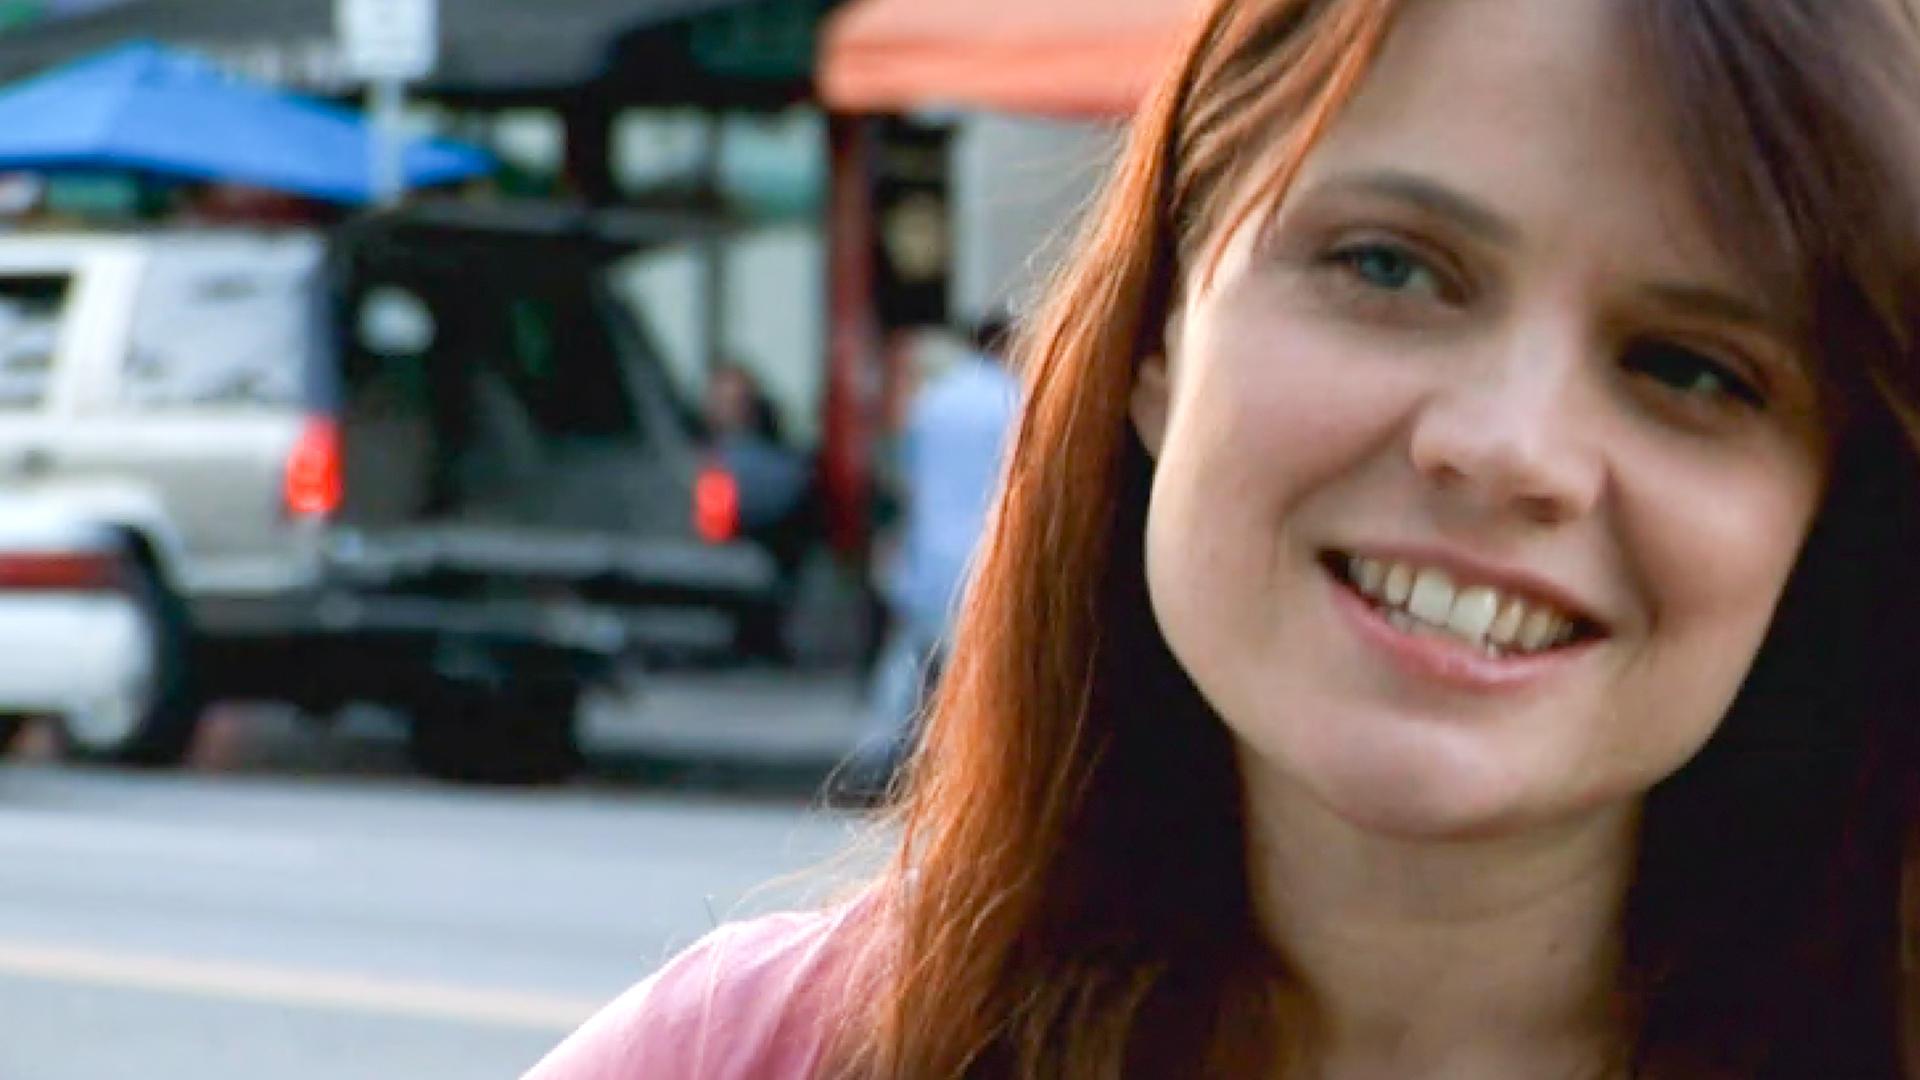 June, filmmaakster